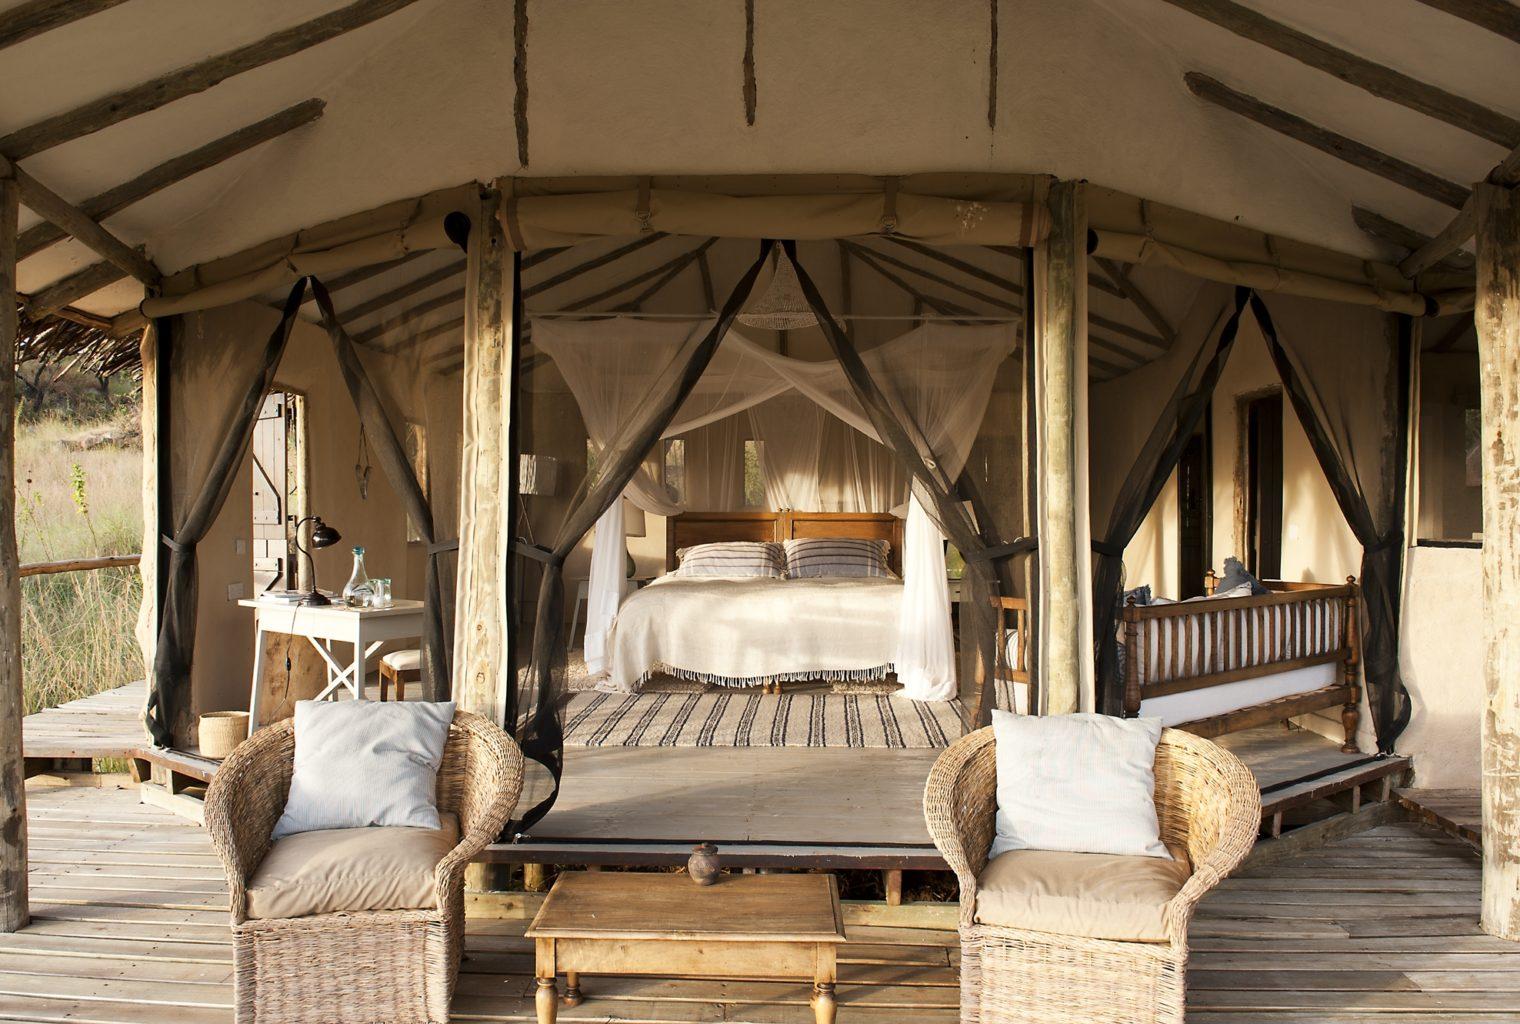 Lamai Serengeti Tanzania Bedroom